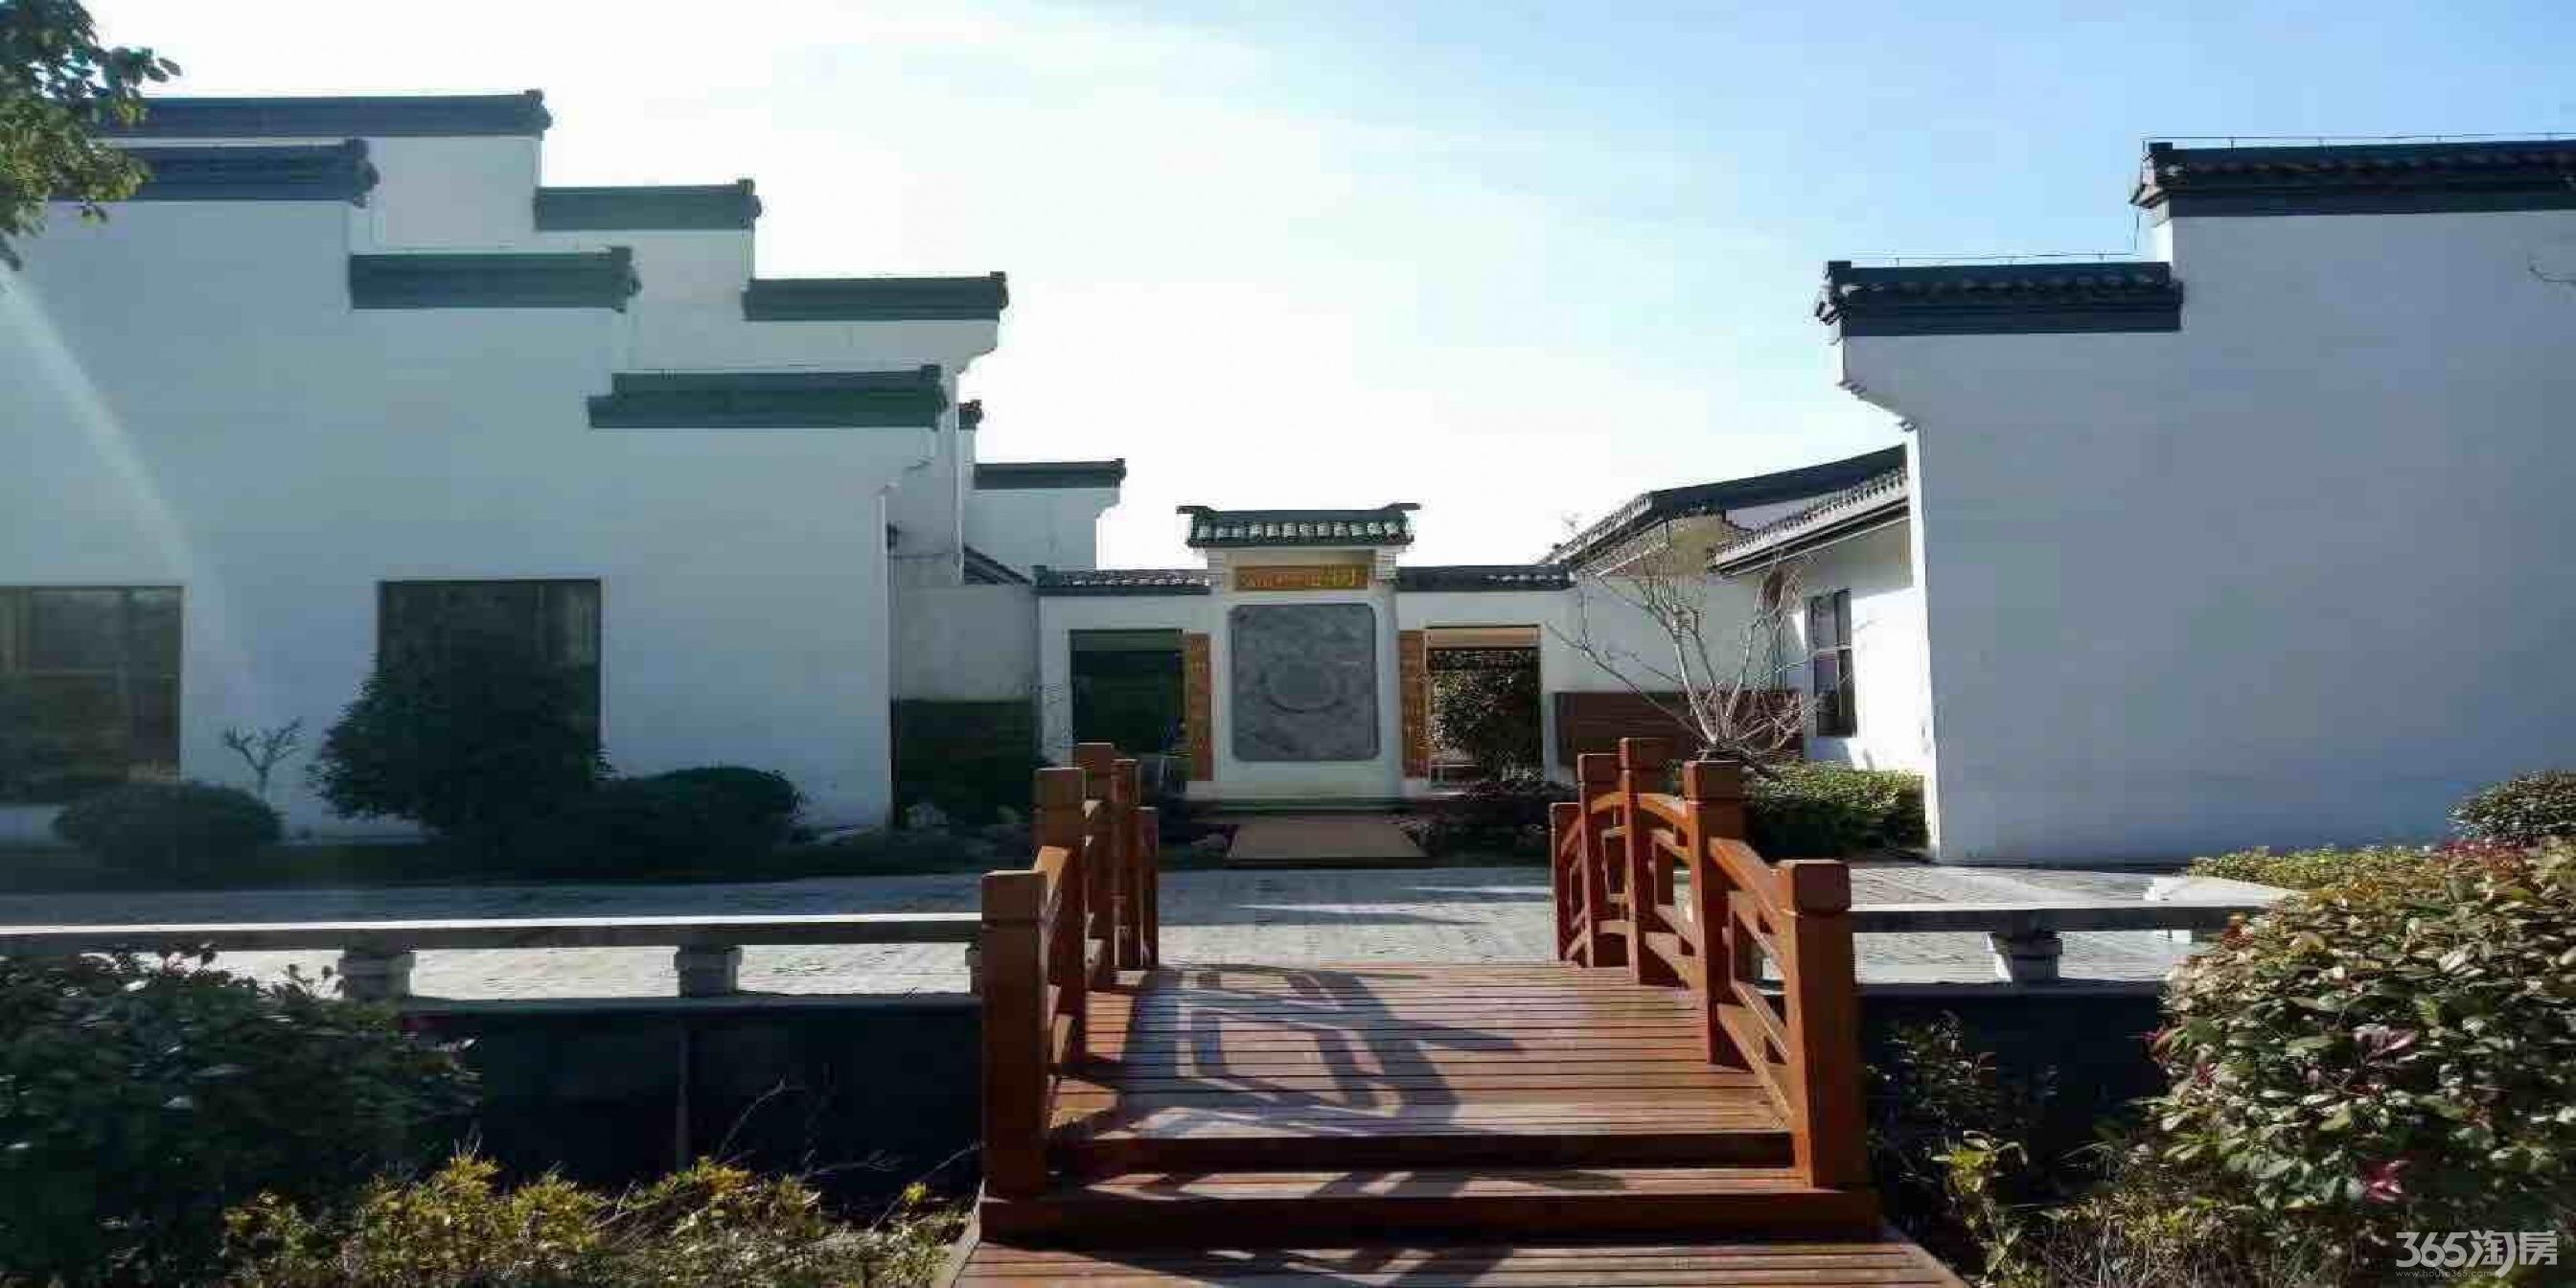 中式徽派建筑品质楼王图片